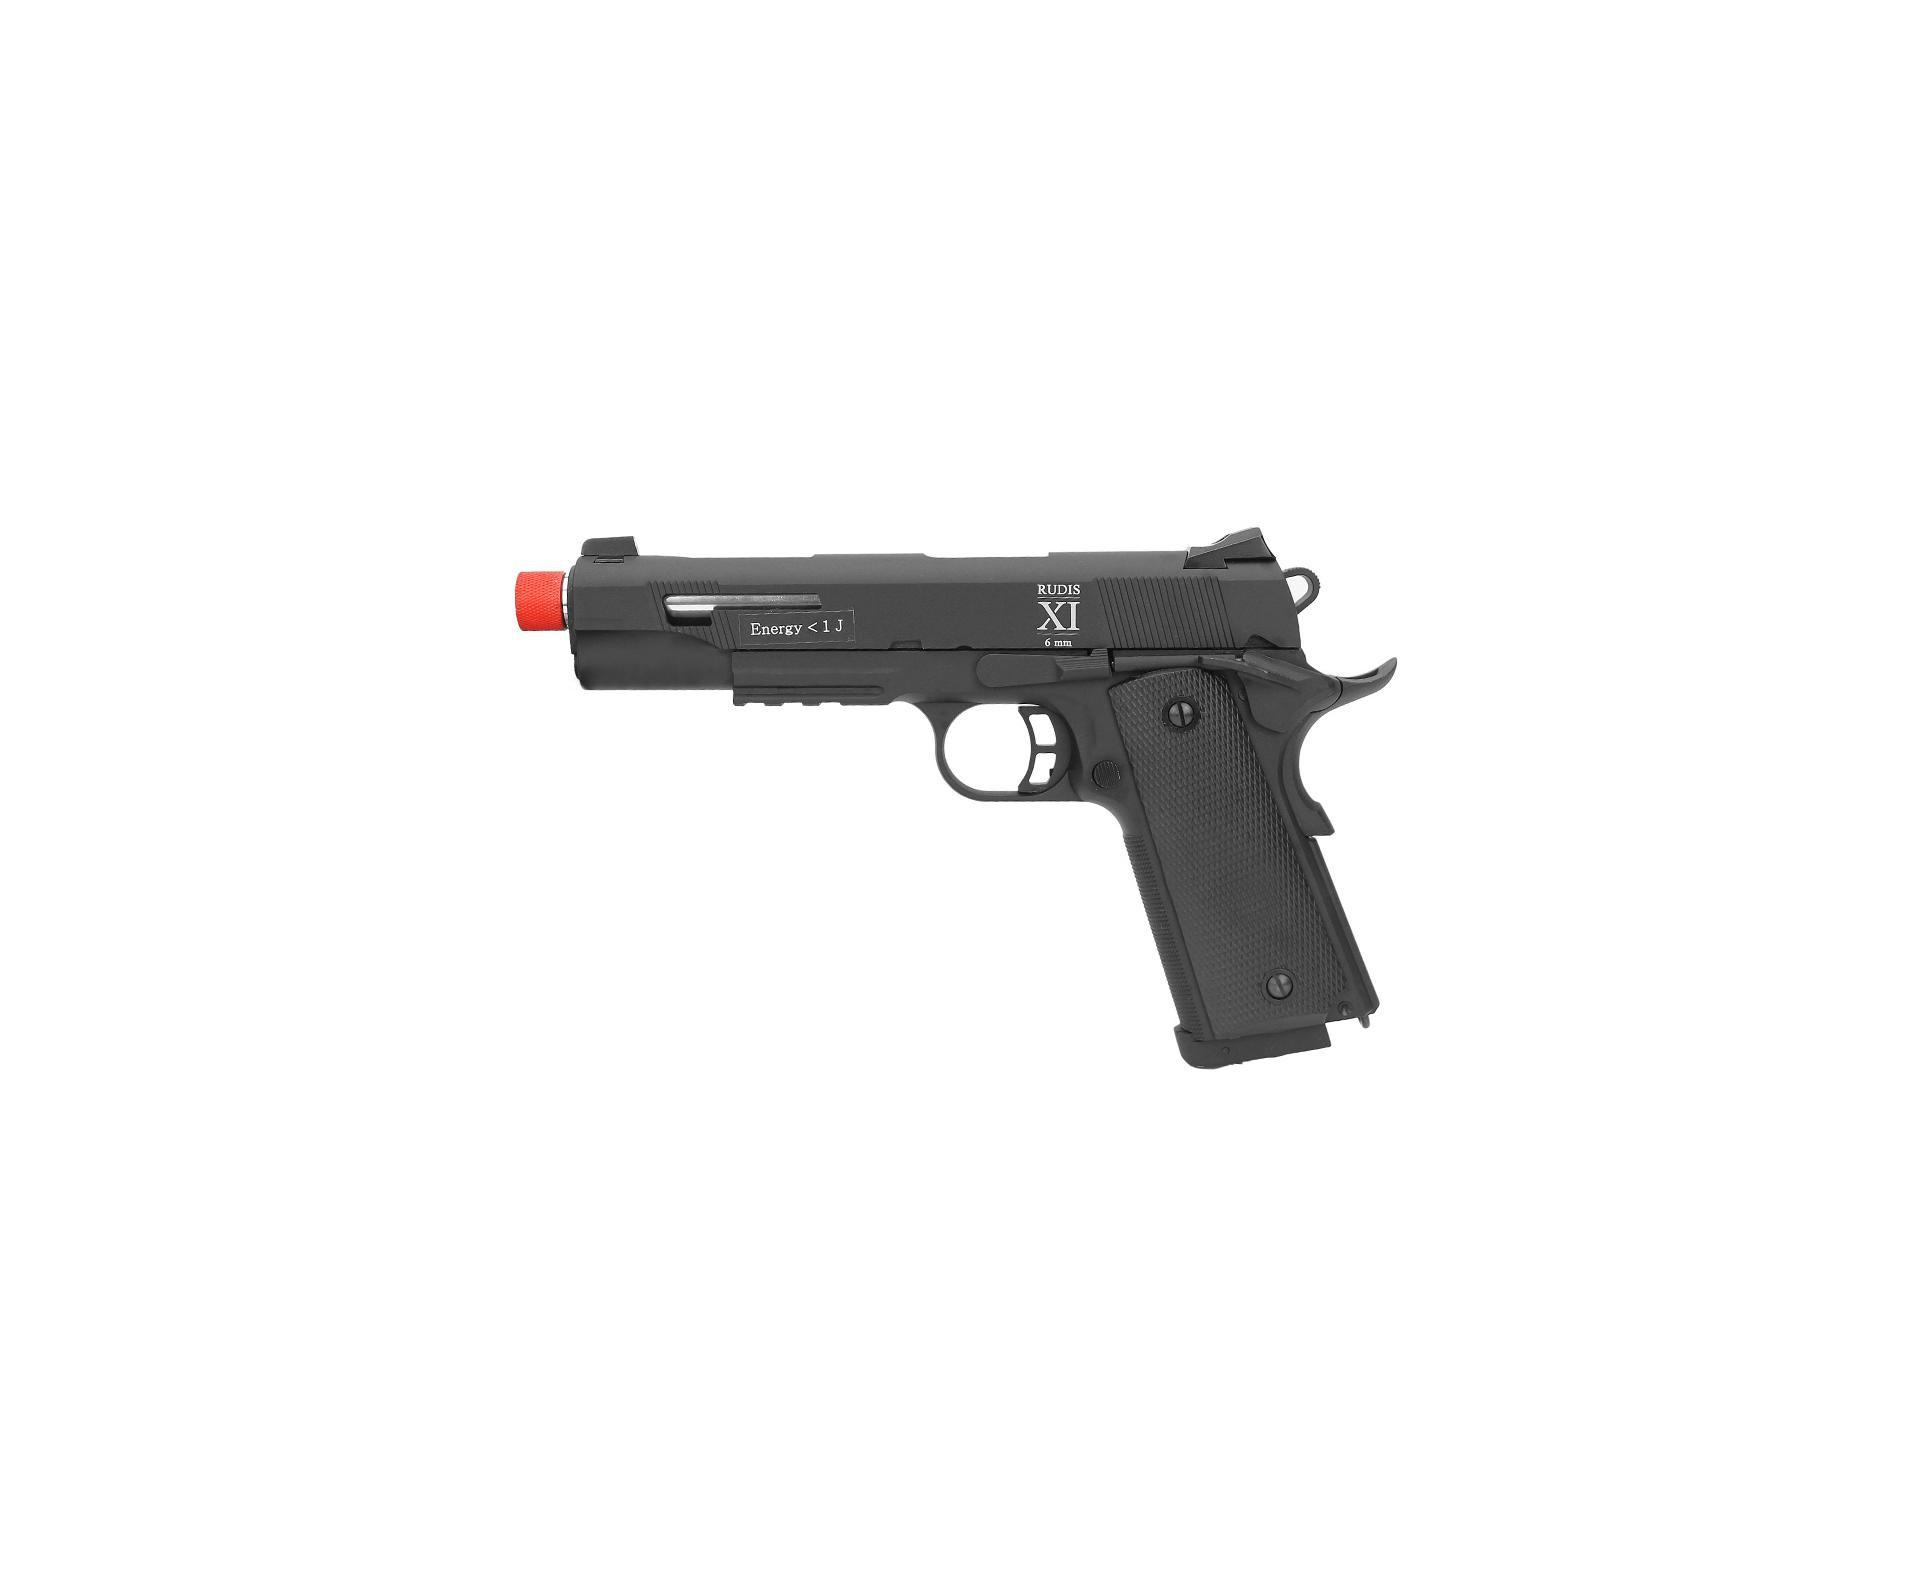 Pistola De Airsoft Co2 Secutor Rudis Xi Full Metal Com Blowback 6mm